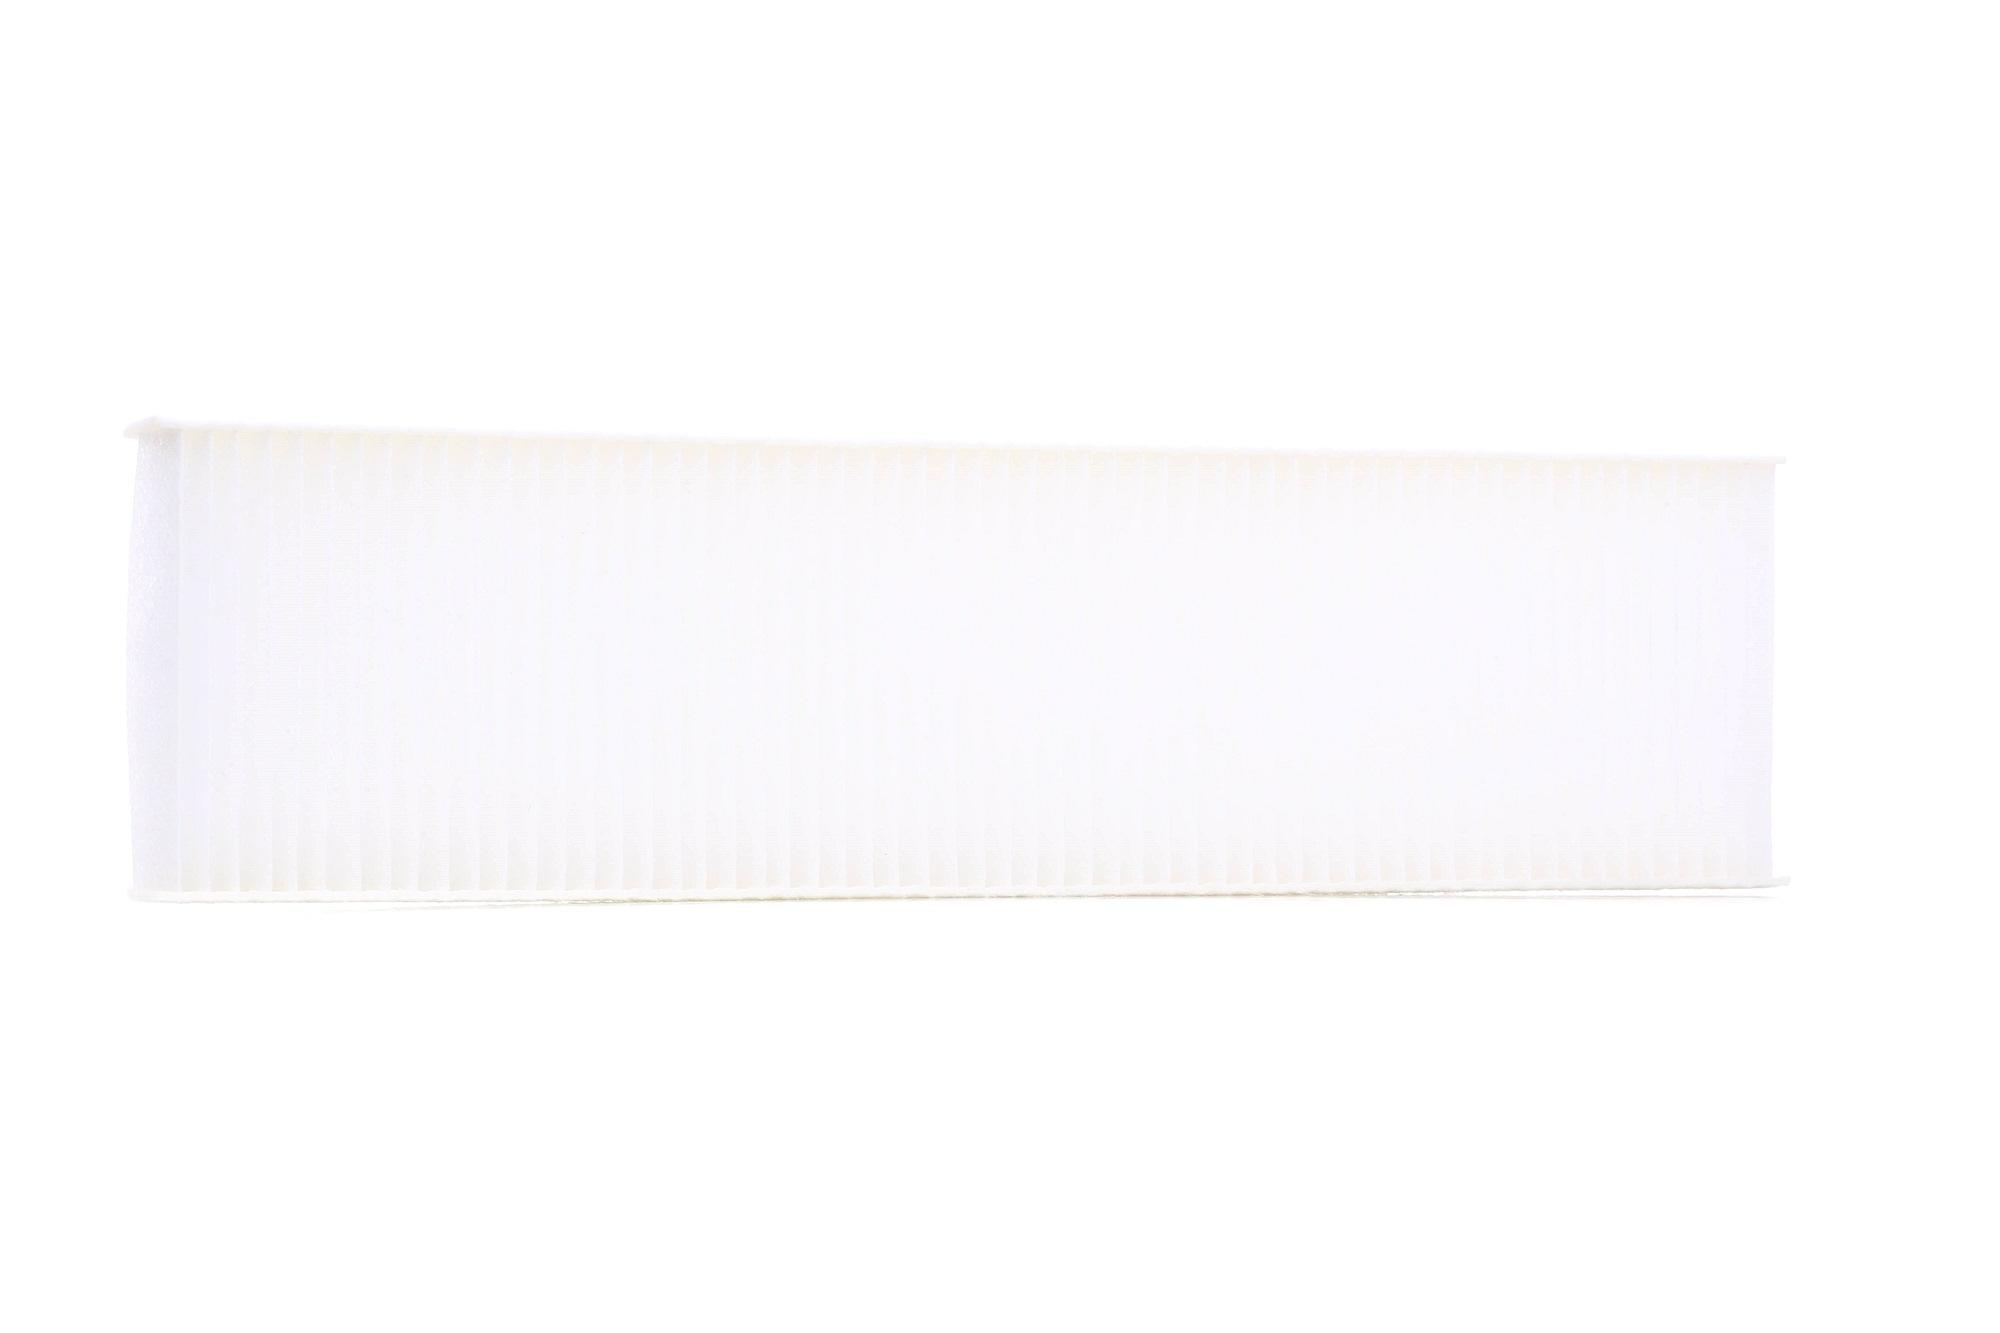 LAO171 MAHLE ORIGINAL Partikelfilter Breite: 117,0mm, Höhe: 30,0mm Filter, Innenraumluft LA 171 günstig kaufen